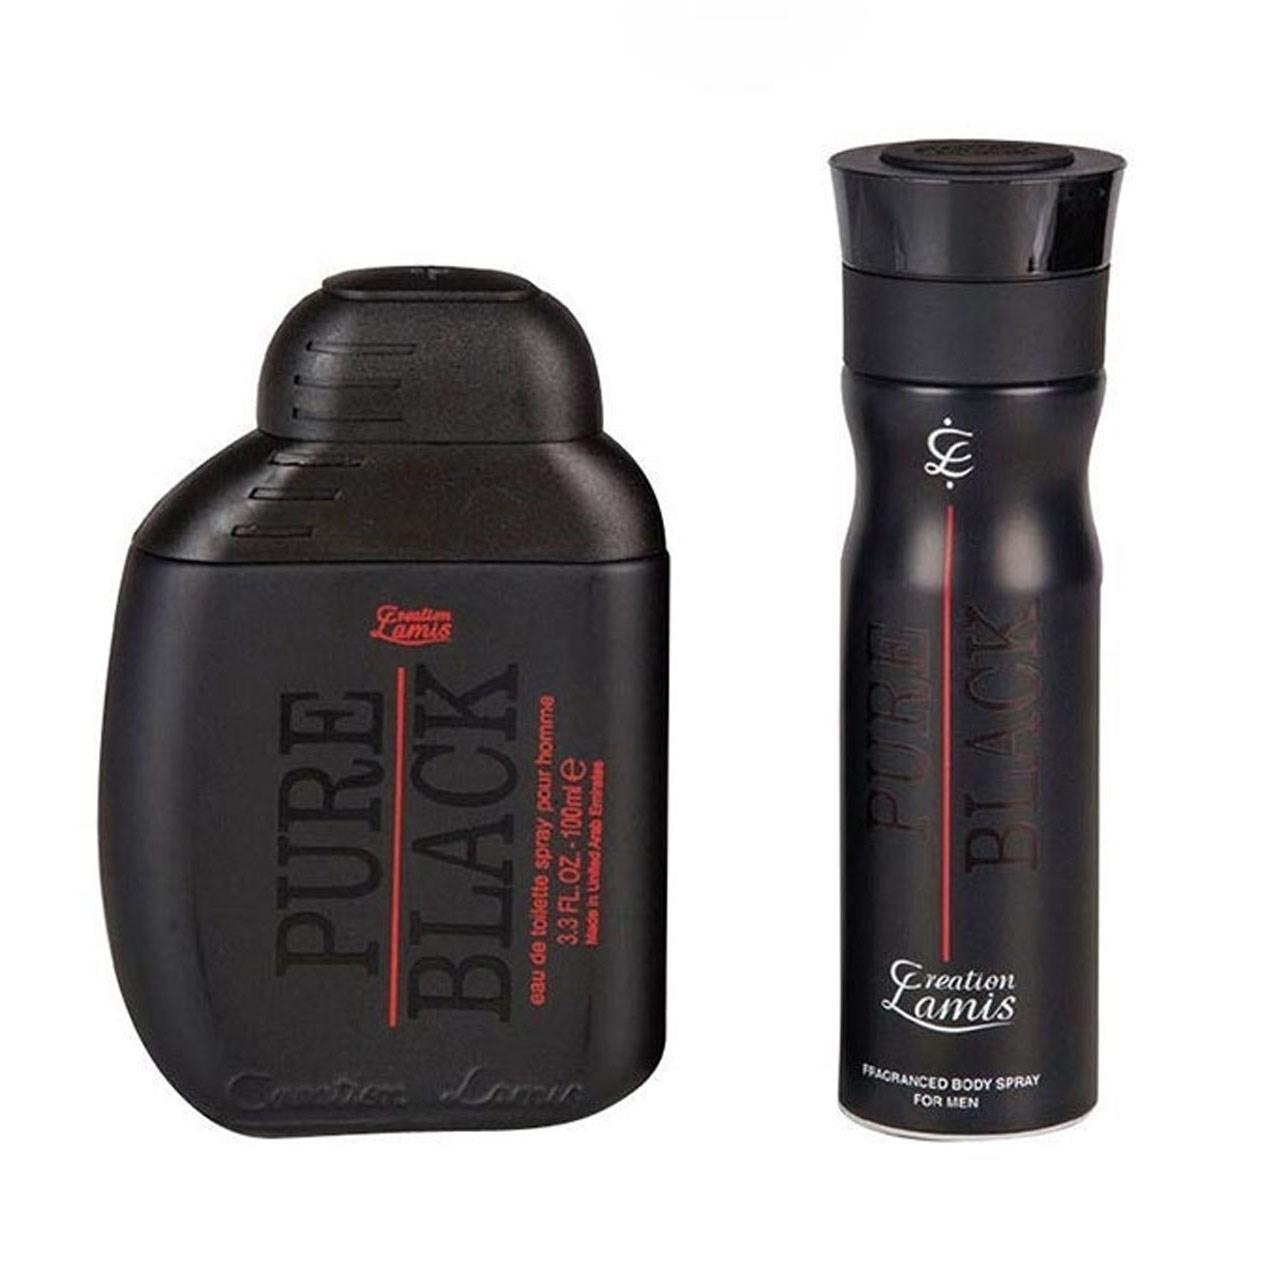 ست هدیه ادوکلن مردانه کریشن لامیس مدل  Pure Black حجم 100 میلی لیتر به همراه اسپری ضد تعریق کریشن لامیس مدل Black Pure و کیف هدیه MB1